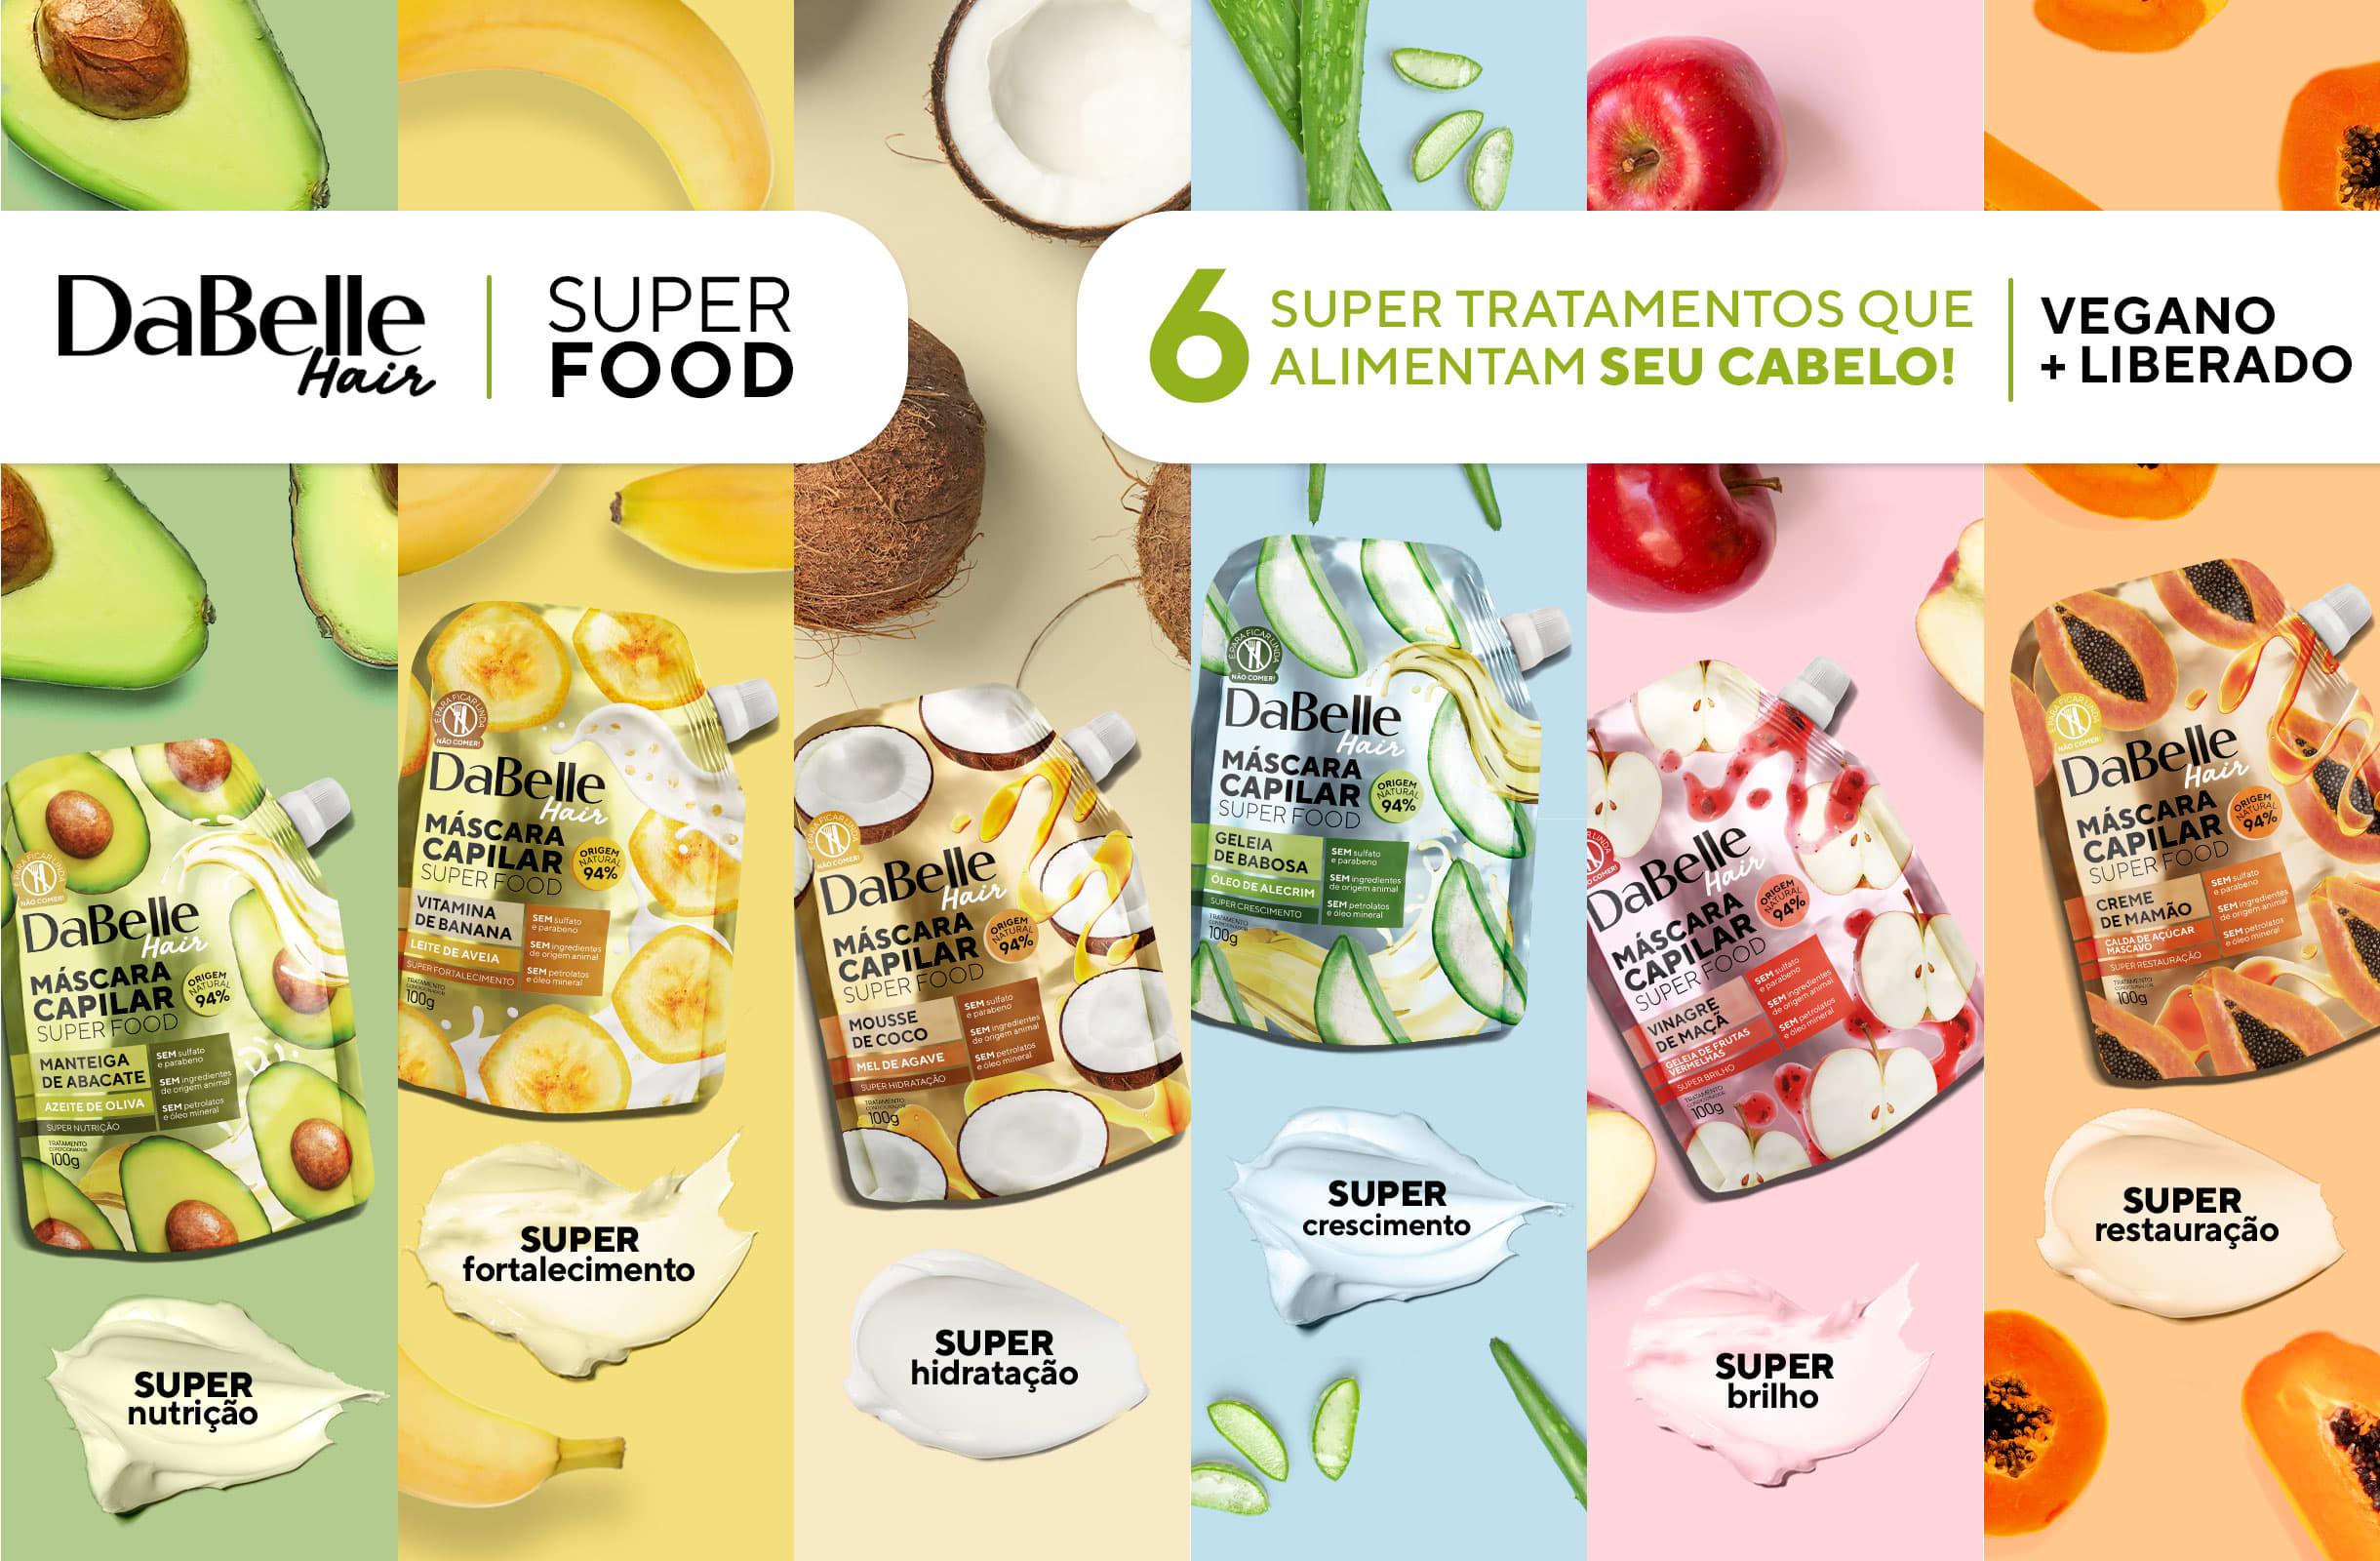 Super Food - Tratamentos que alimentam seu cabelo